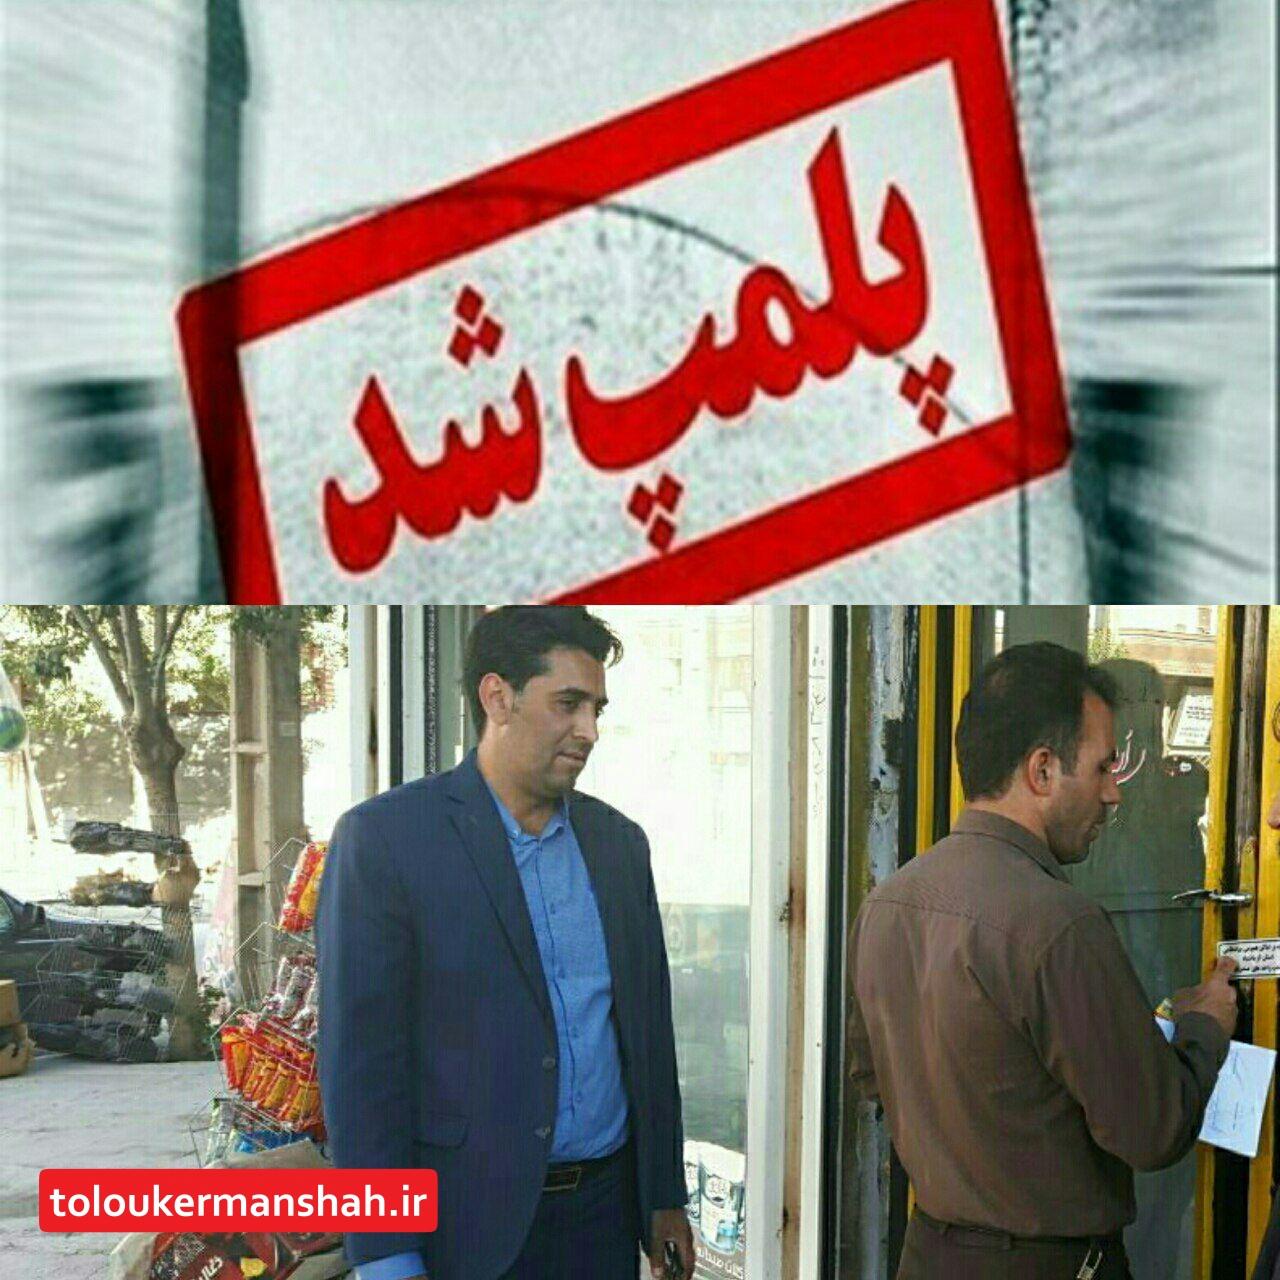 سلامت شهروندان خط قرمز اداره استاندارد کرمانشاه